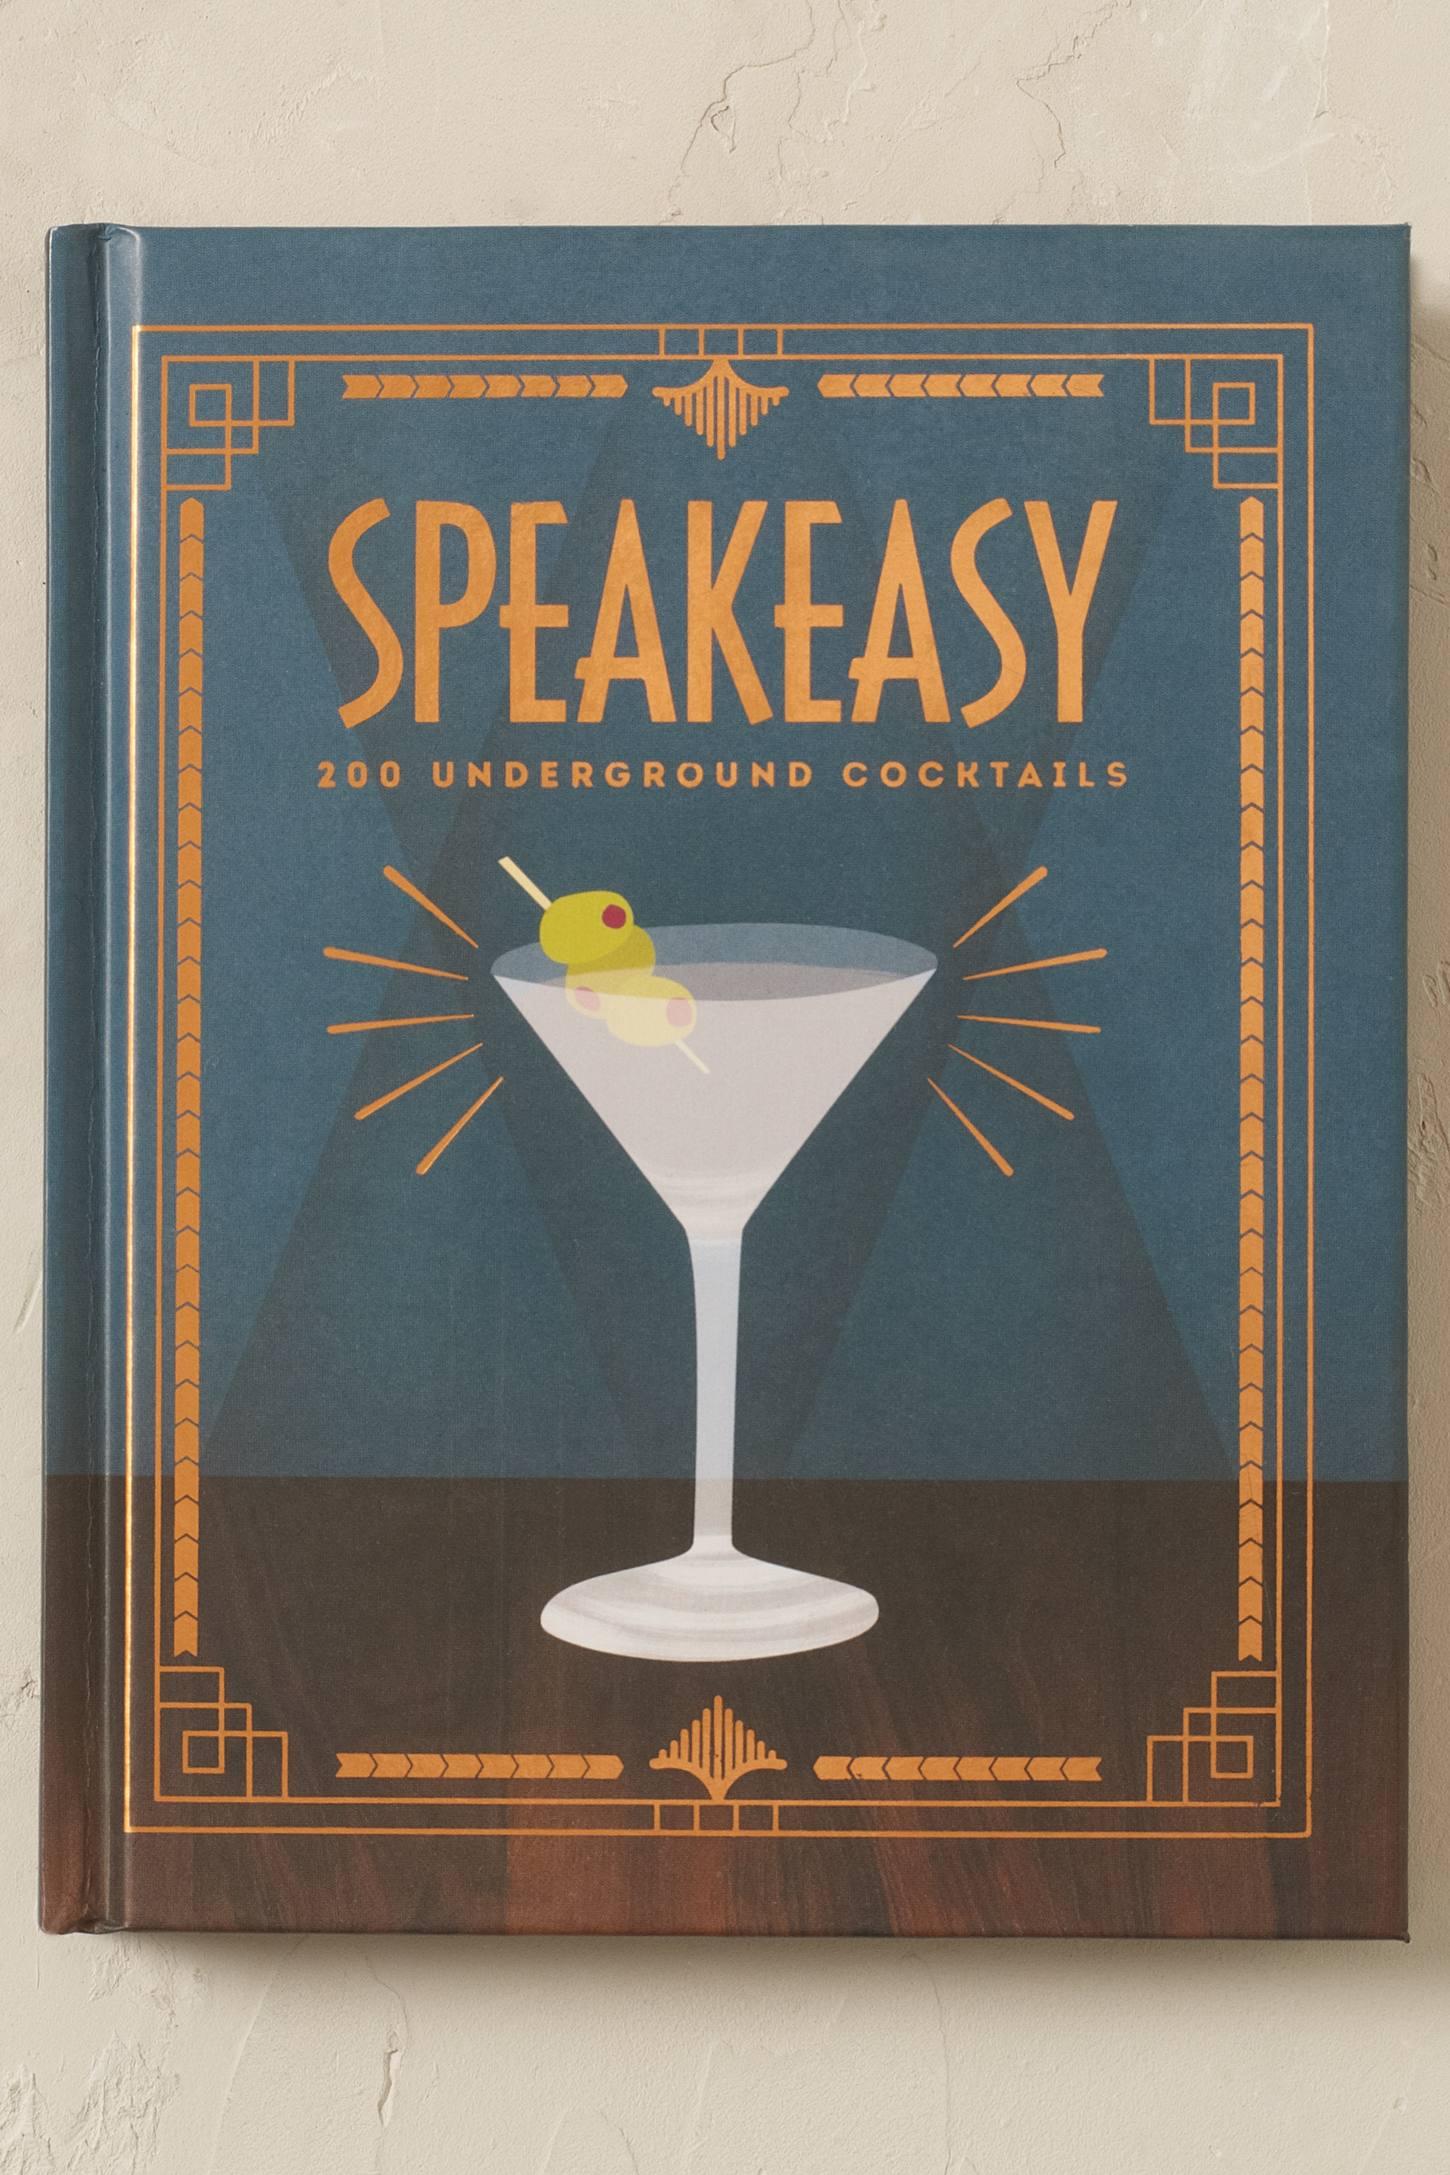 Speakeasy Underground Cocktails